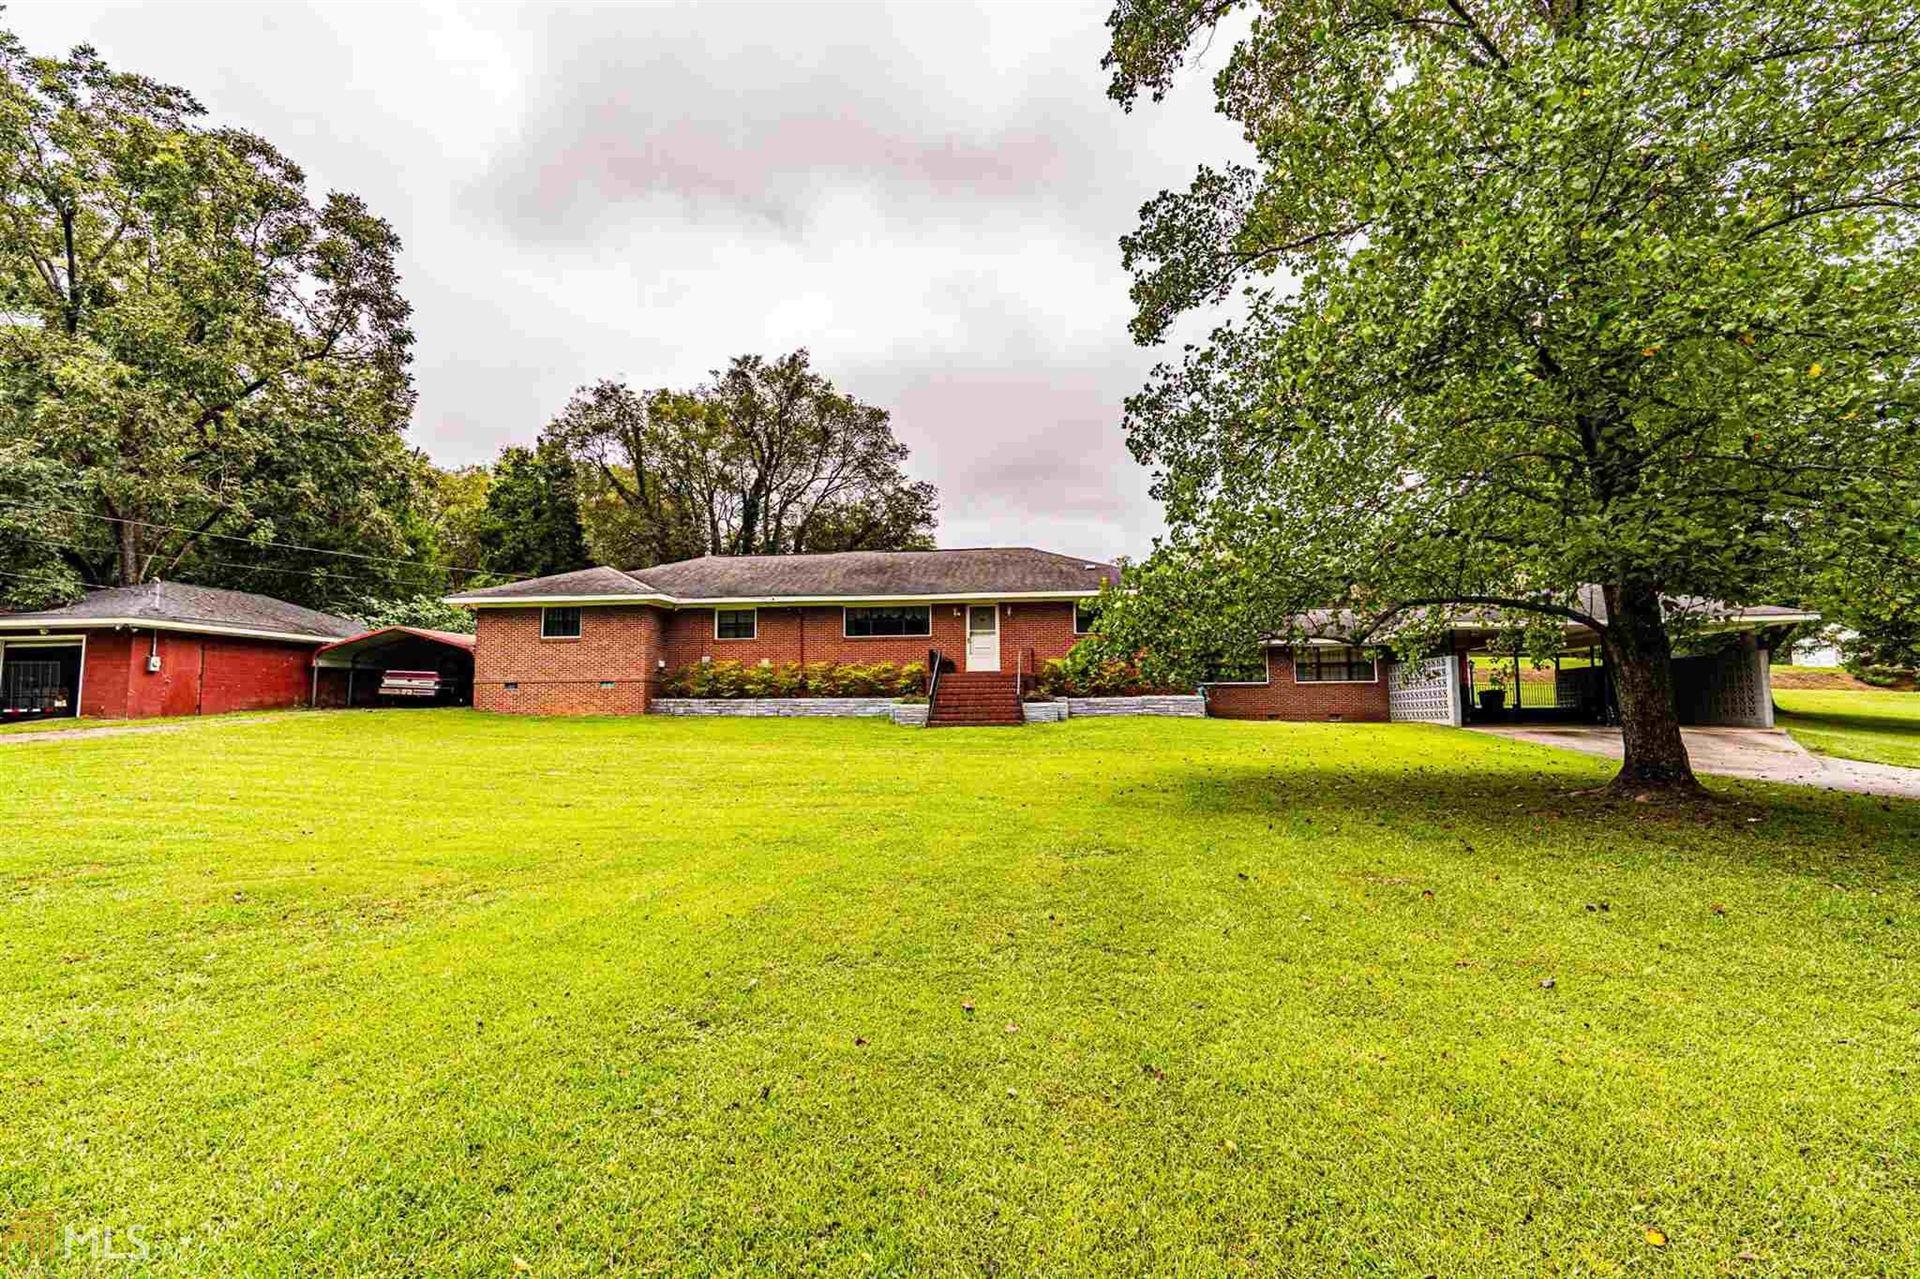 445 Underwood Rd, Milledgeville, GA 31061 - MLS#: 8861605